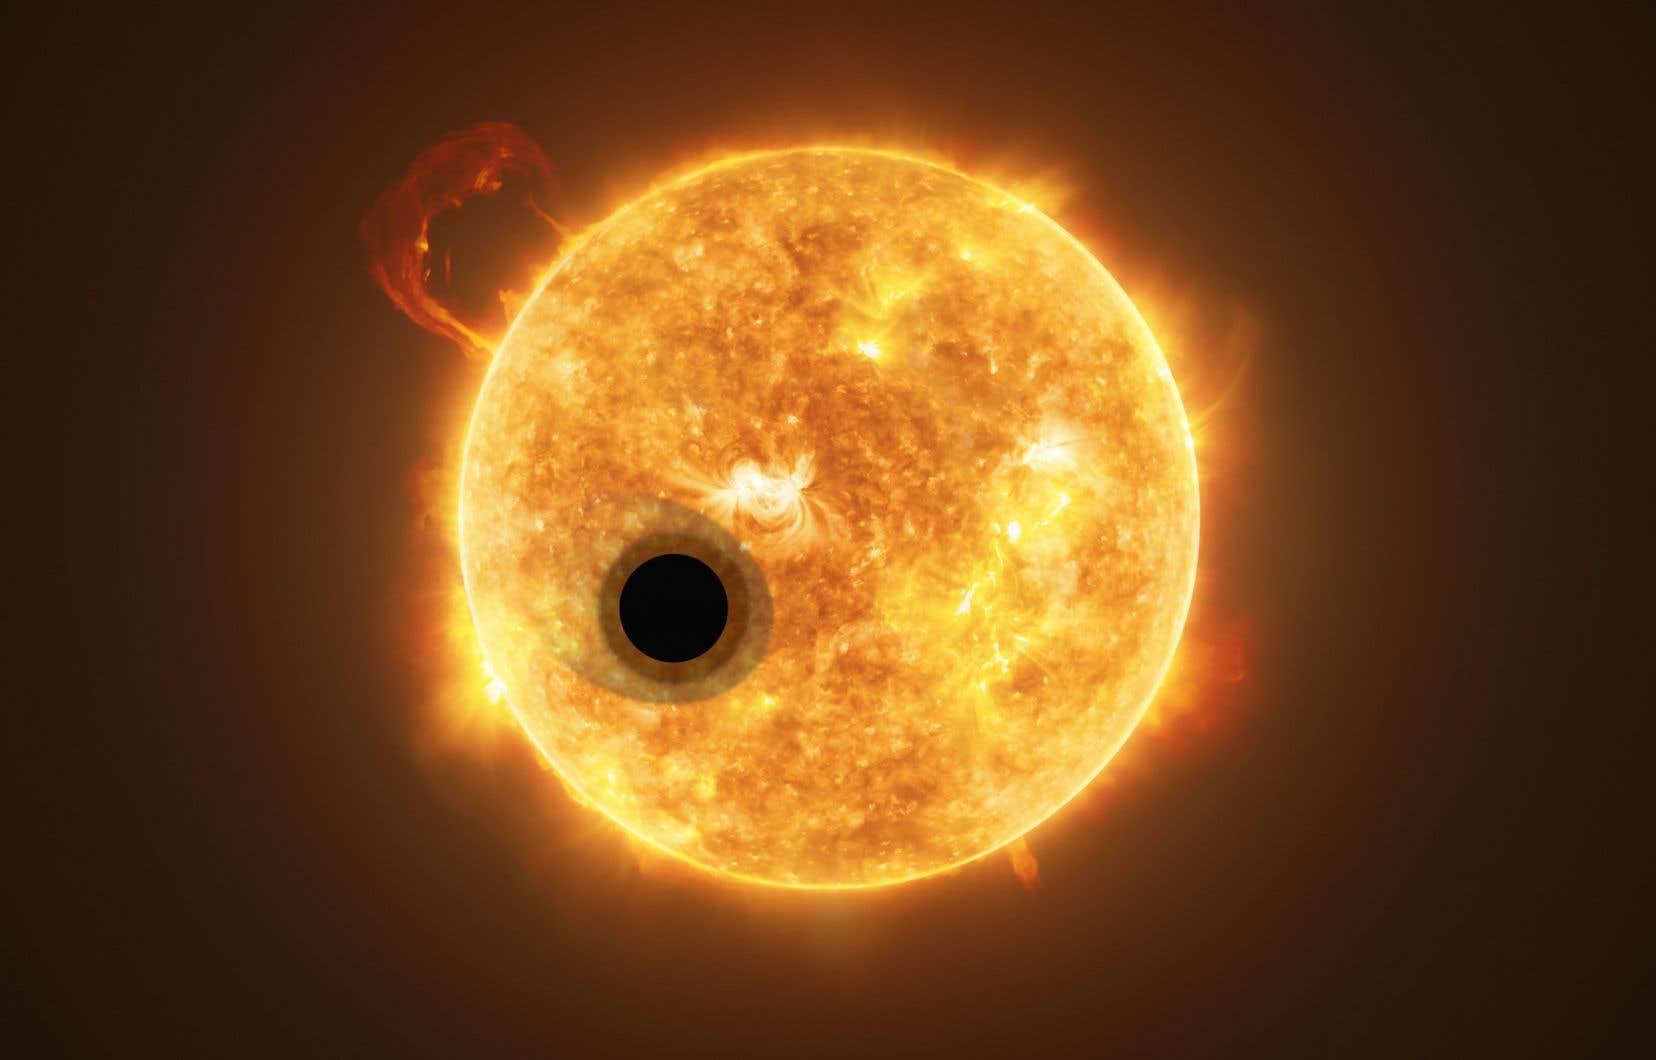 L'exoplanète WASP-107b fascine les experts par son incroyable proximité avec son étoile, notamment.